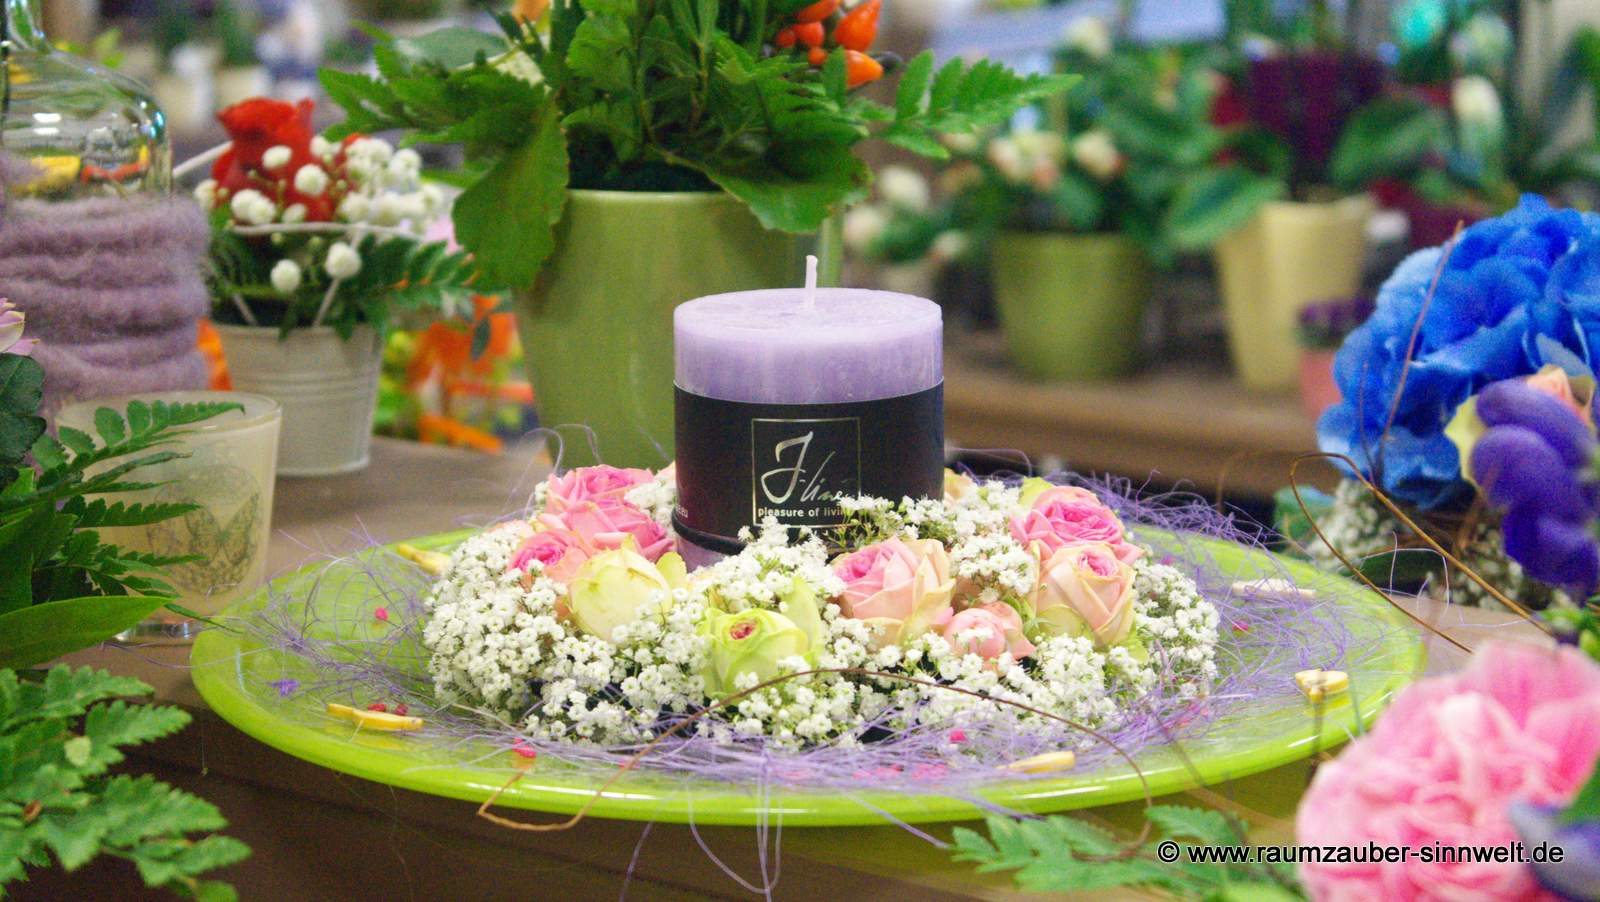 Blumengesteck mit Rosen und Kerze